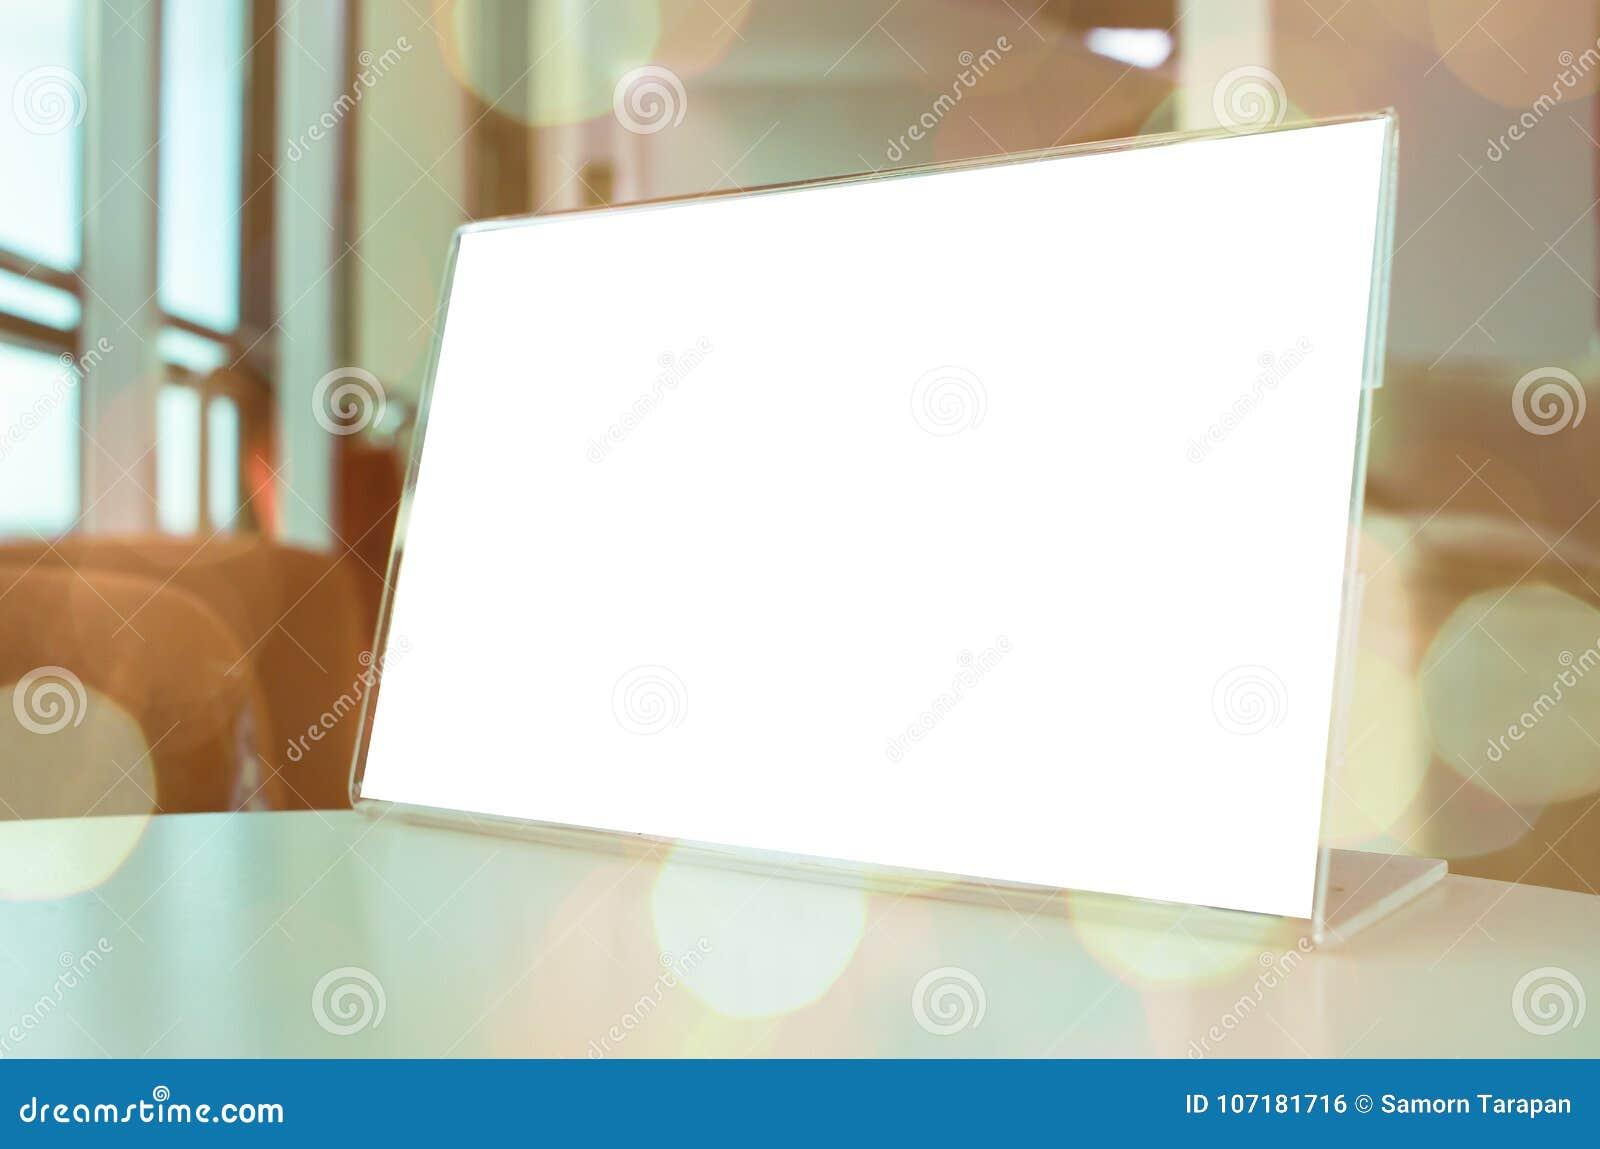 Mock Up White Label For Blank Menu Frame In Bar Restaurant Cafe ...